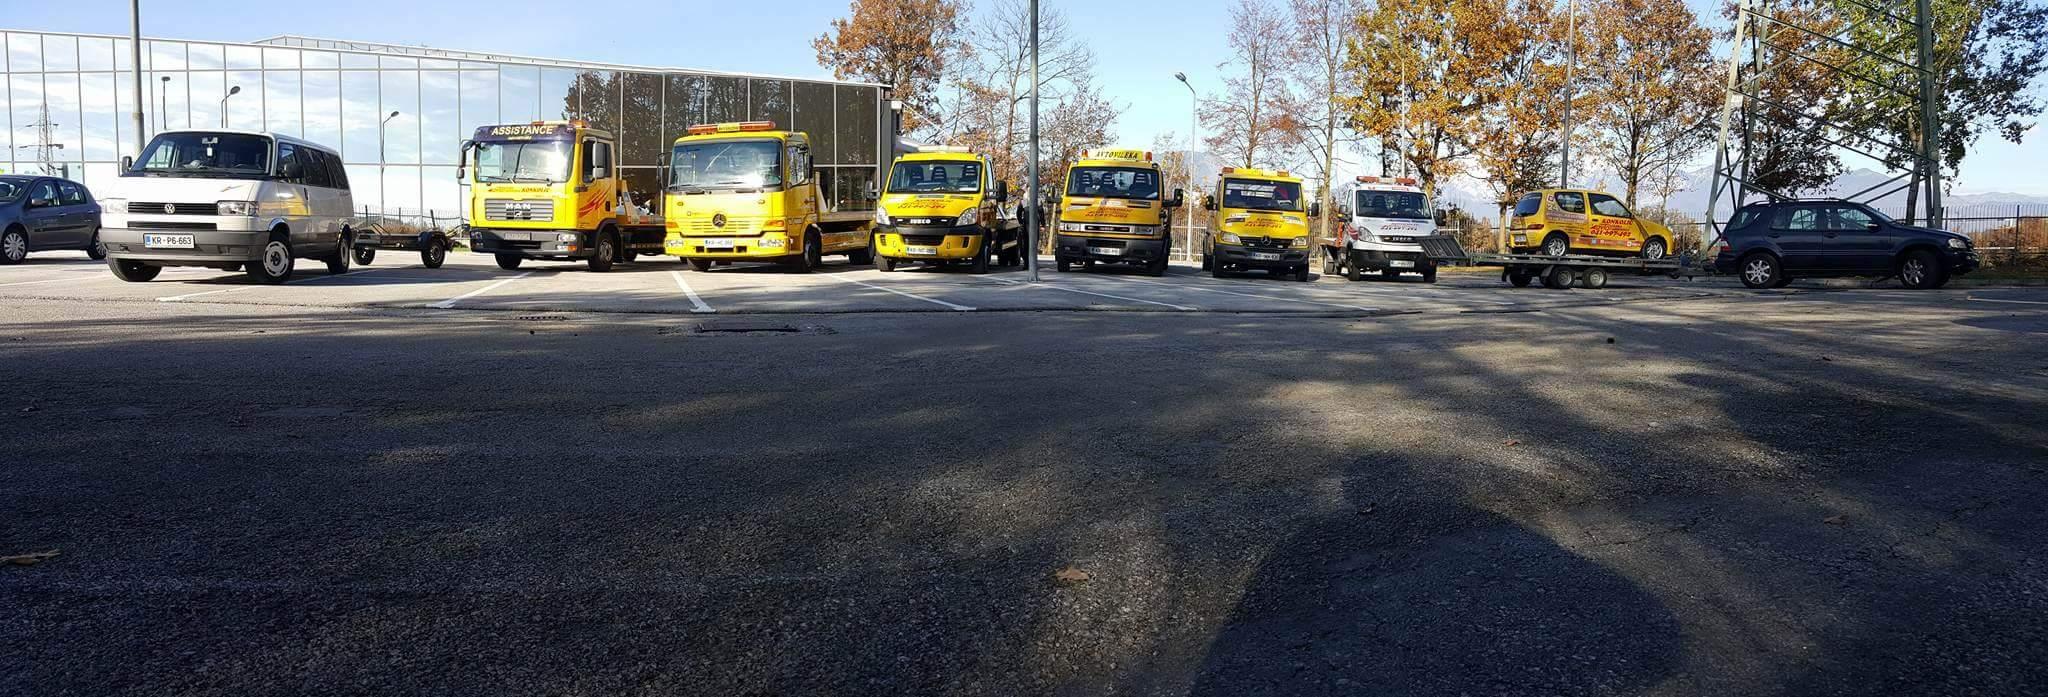 Avtovleka Kranj - Avtoasistenca Konkolič Kranj, Towing Service Kranj, Abschleppdienst Kranj received_10206014331312480